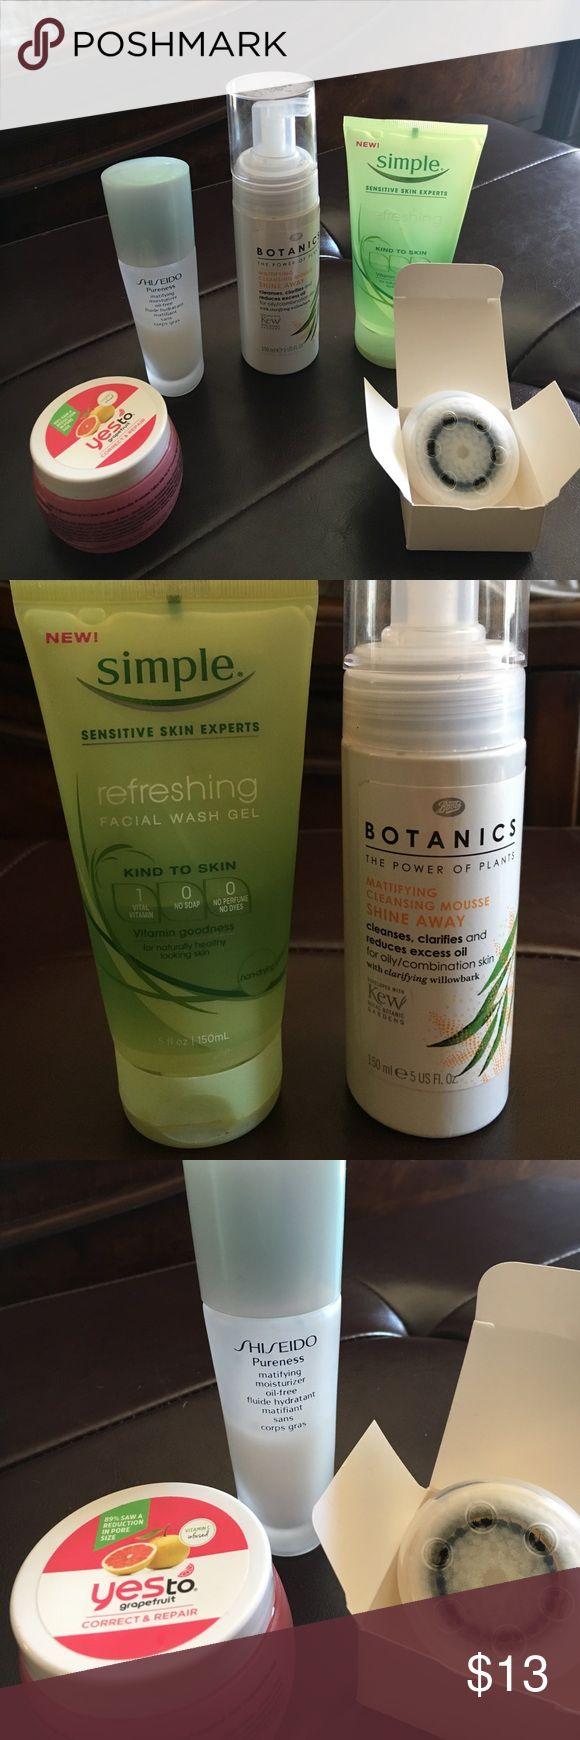 Skin Care Randoms Bundle Simple Refreshing Facial Wash Gelhalf Full  Botanics Mattifying Cleansing Mousse